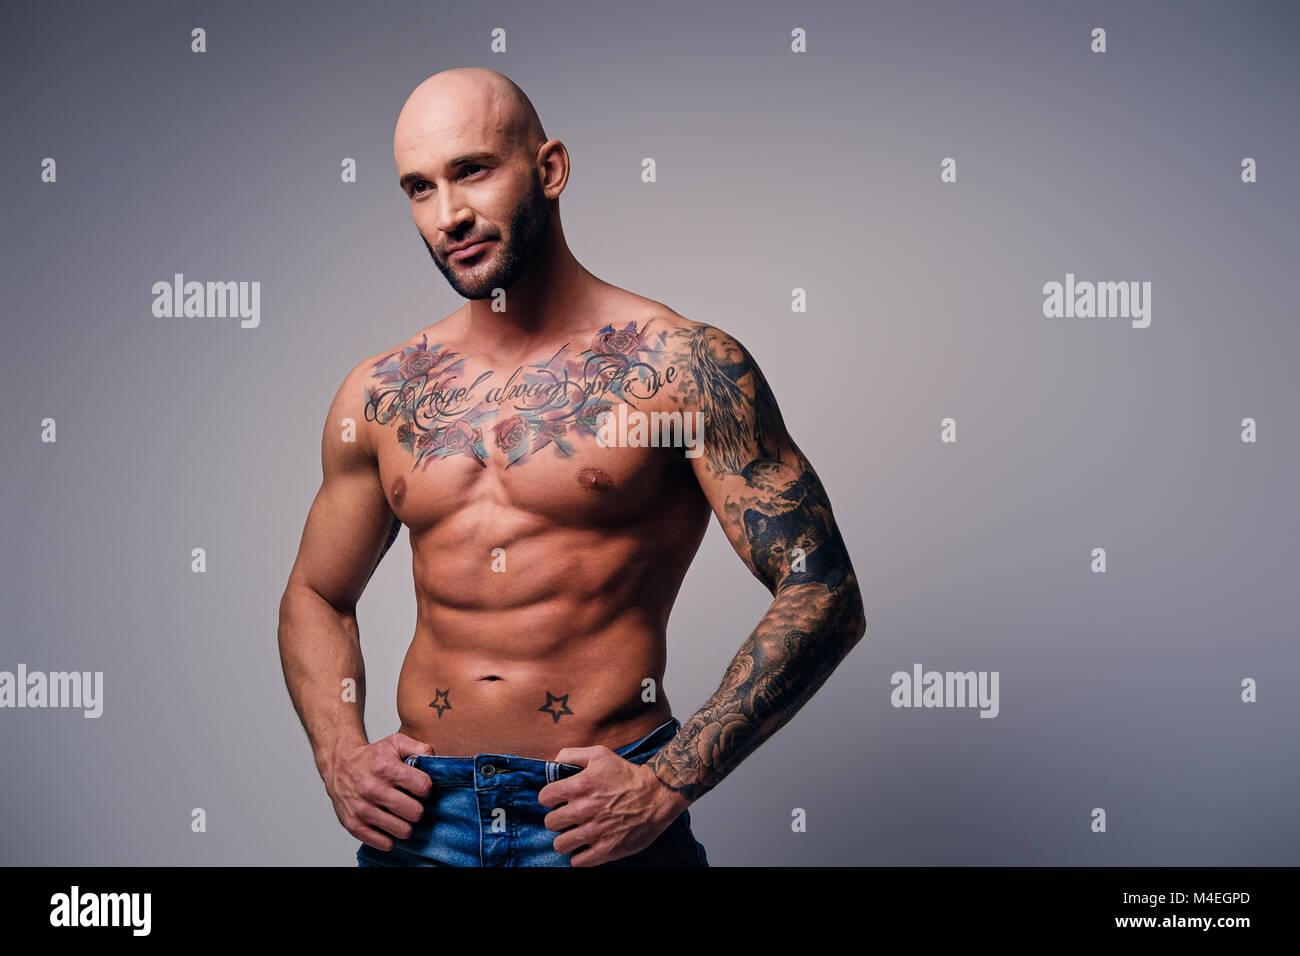 Männer mit tattoos muskulöse 26 Provokativ